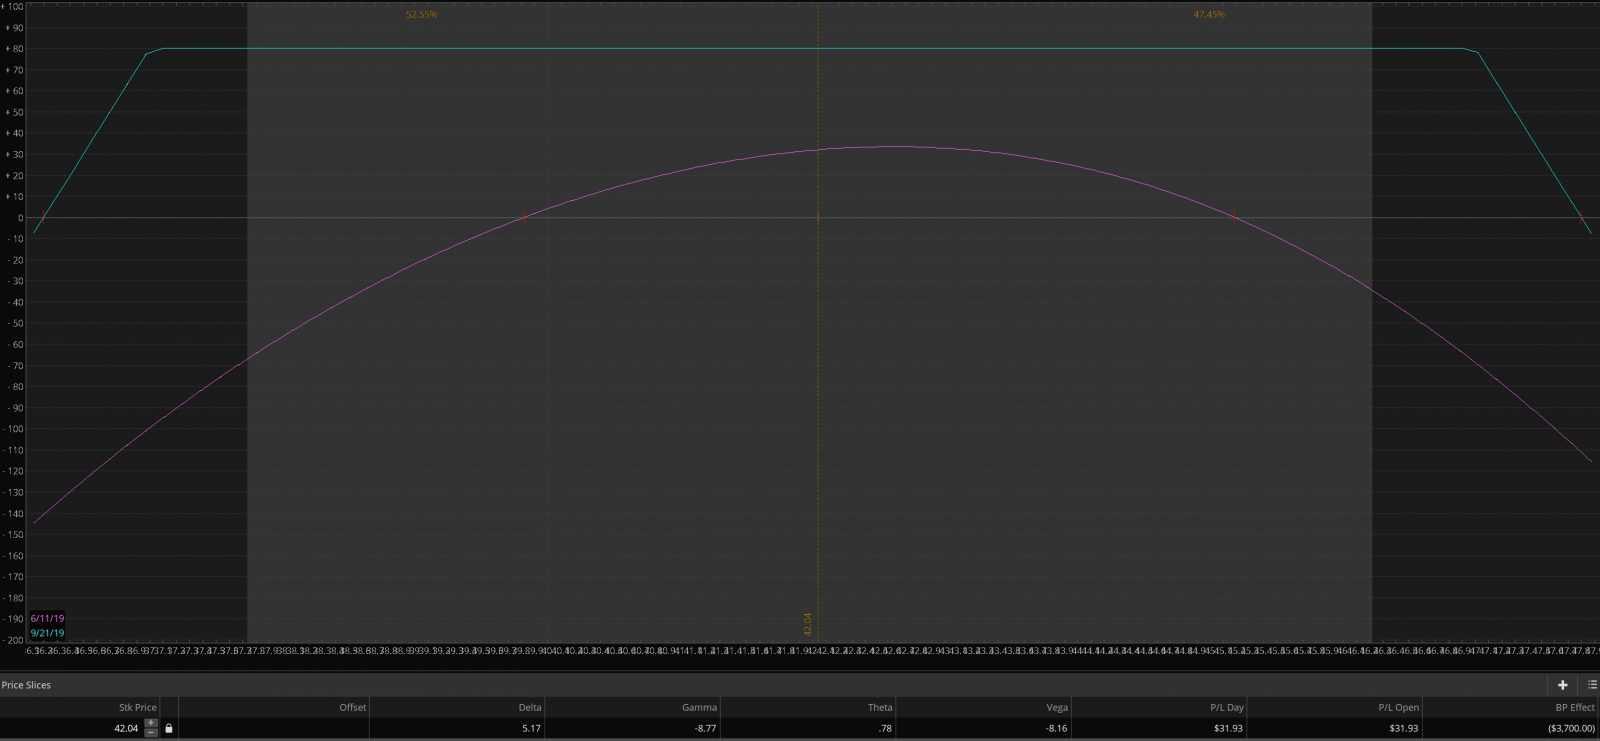 061119 screenshot eem options trading strangle 051019